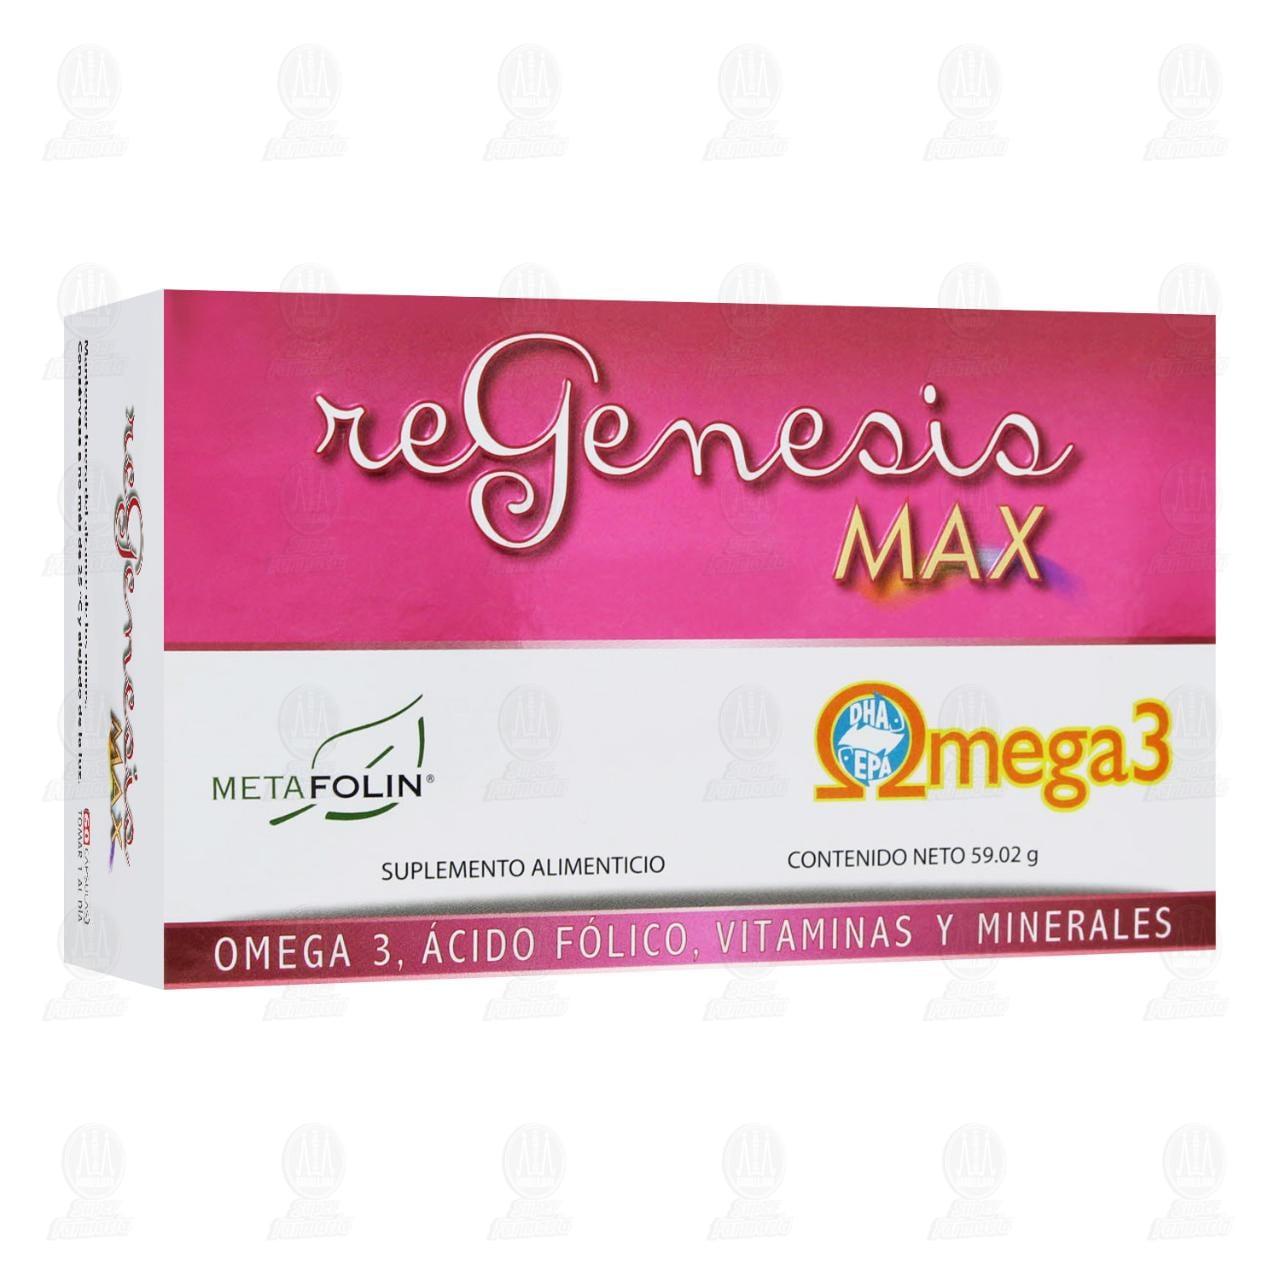 Comprar Regenesis Max 60 Cápsulas en Farmacias Guadalajara